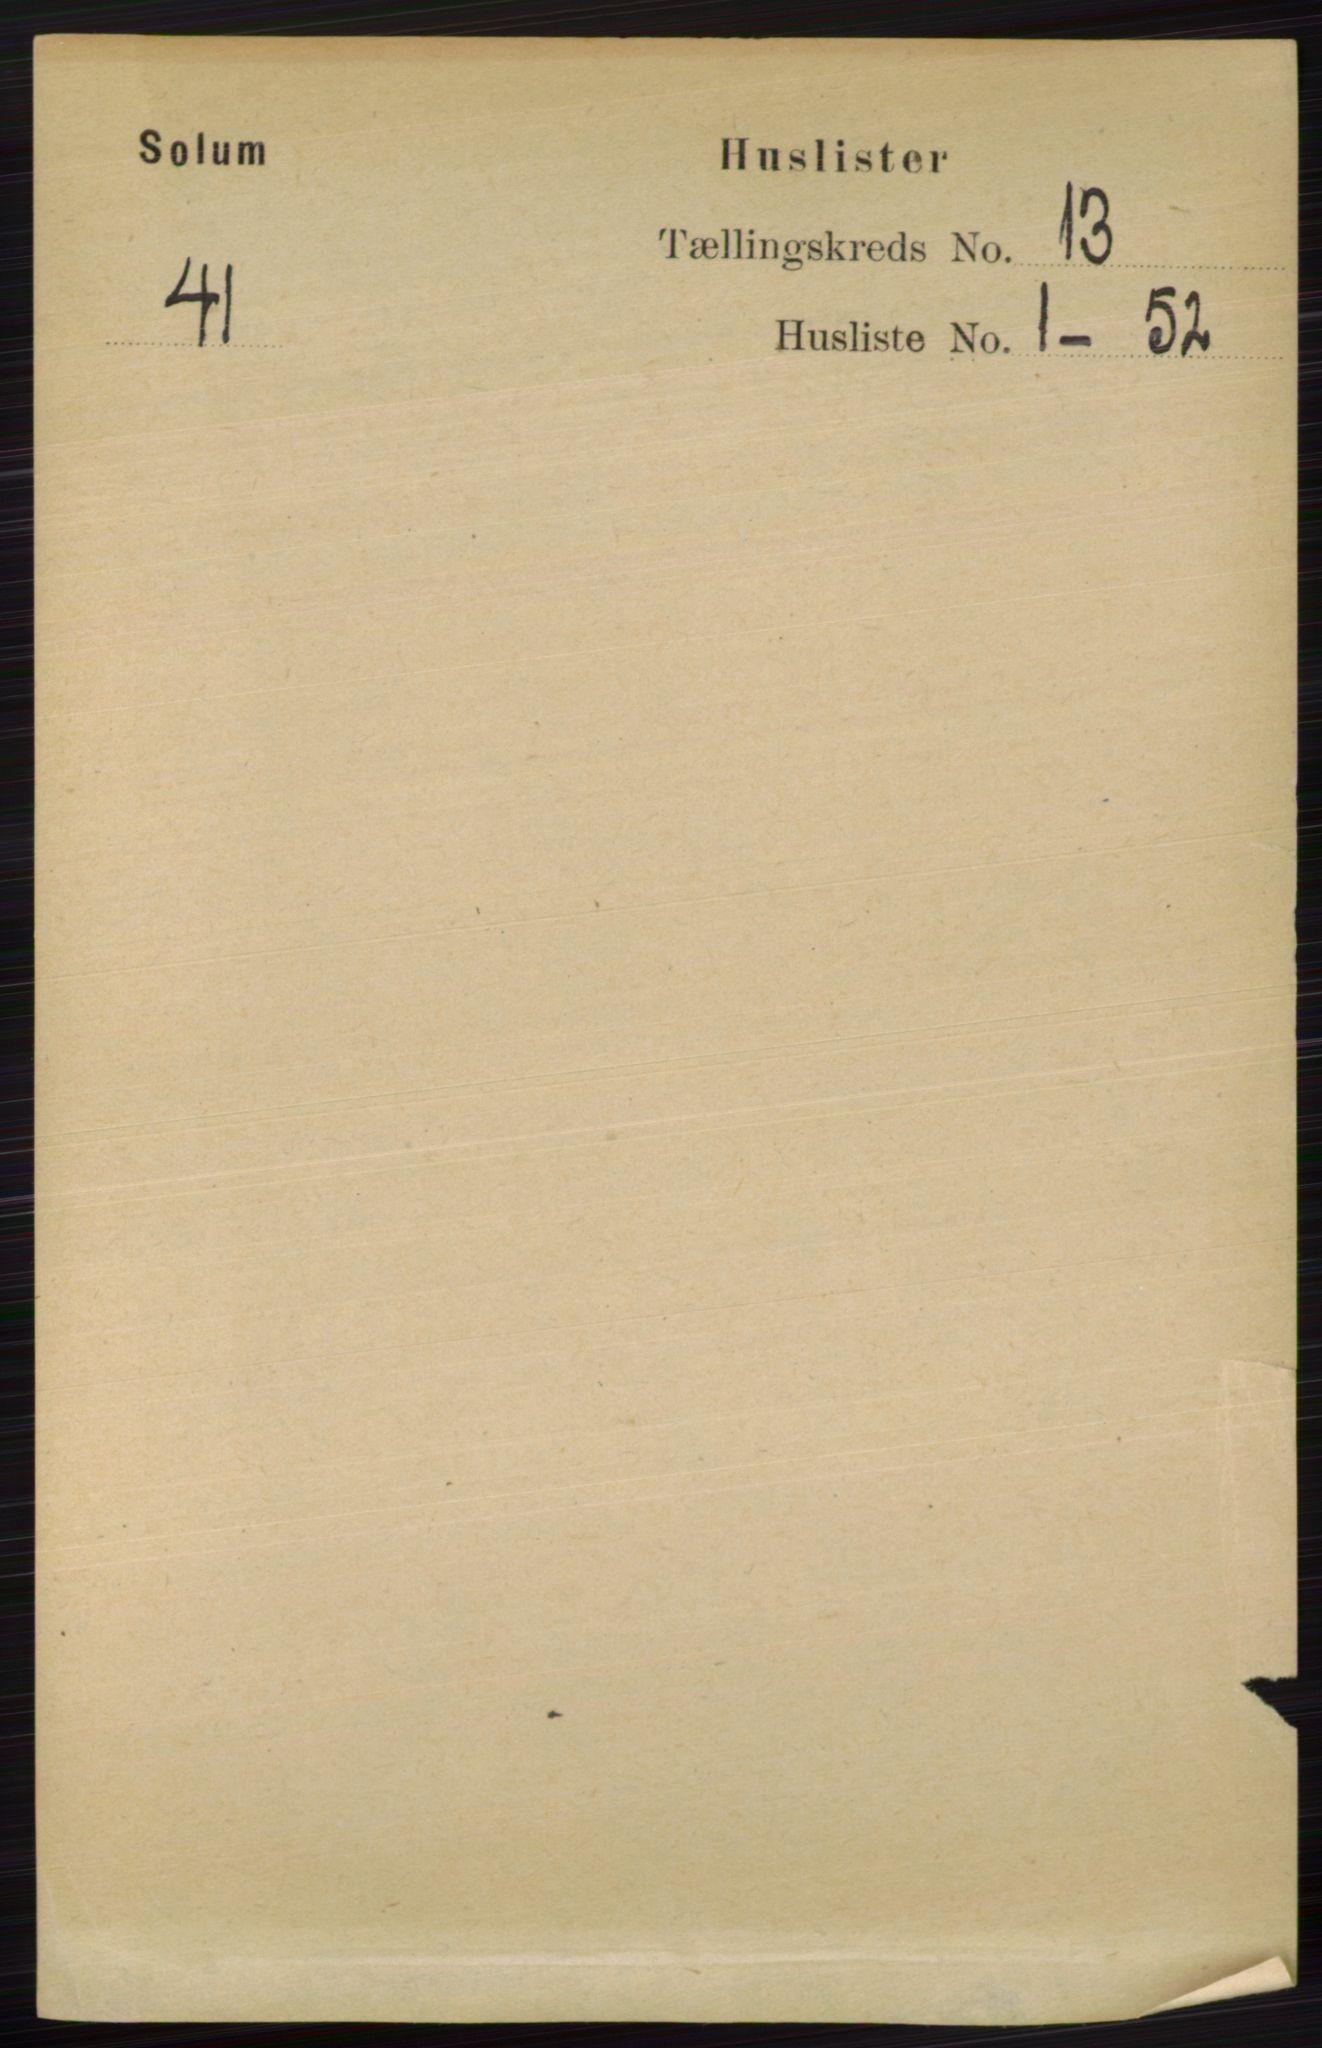 RA, Folketelling 1891 for 0818 Solum herred, 1891, s. 6002